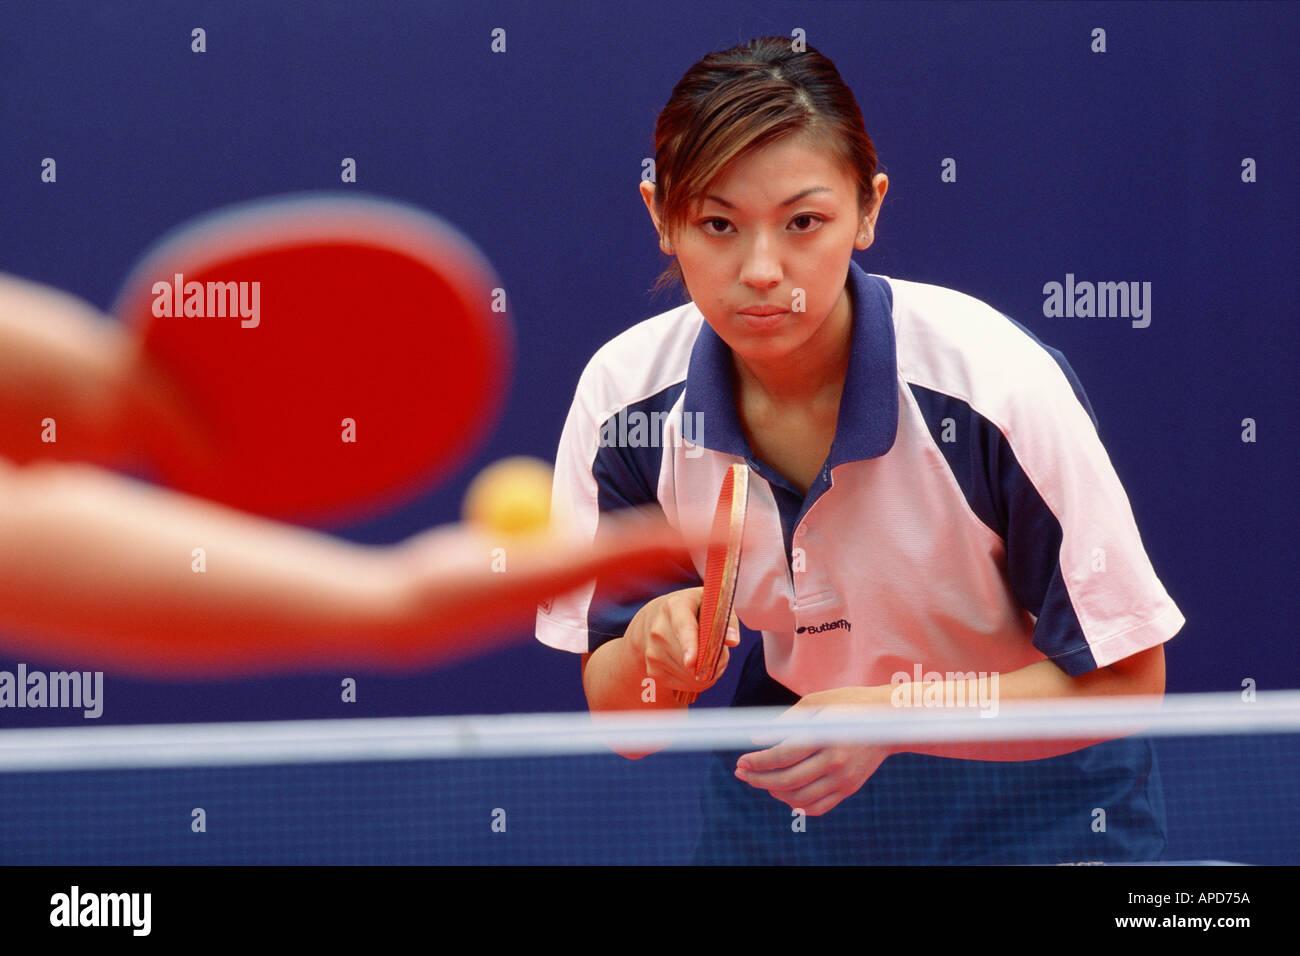 d067e691f0049 Deportes Deportes de Raqueta de Tenis de mesa de Ping Pong Foto ...